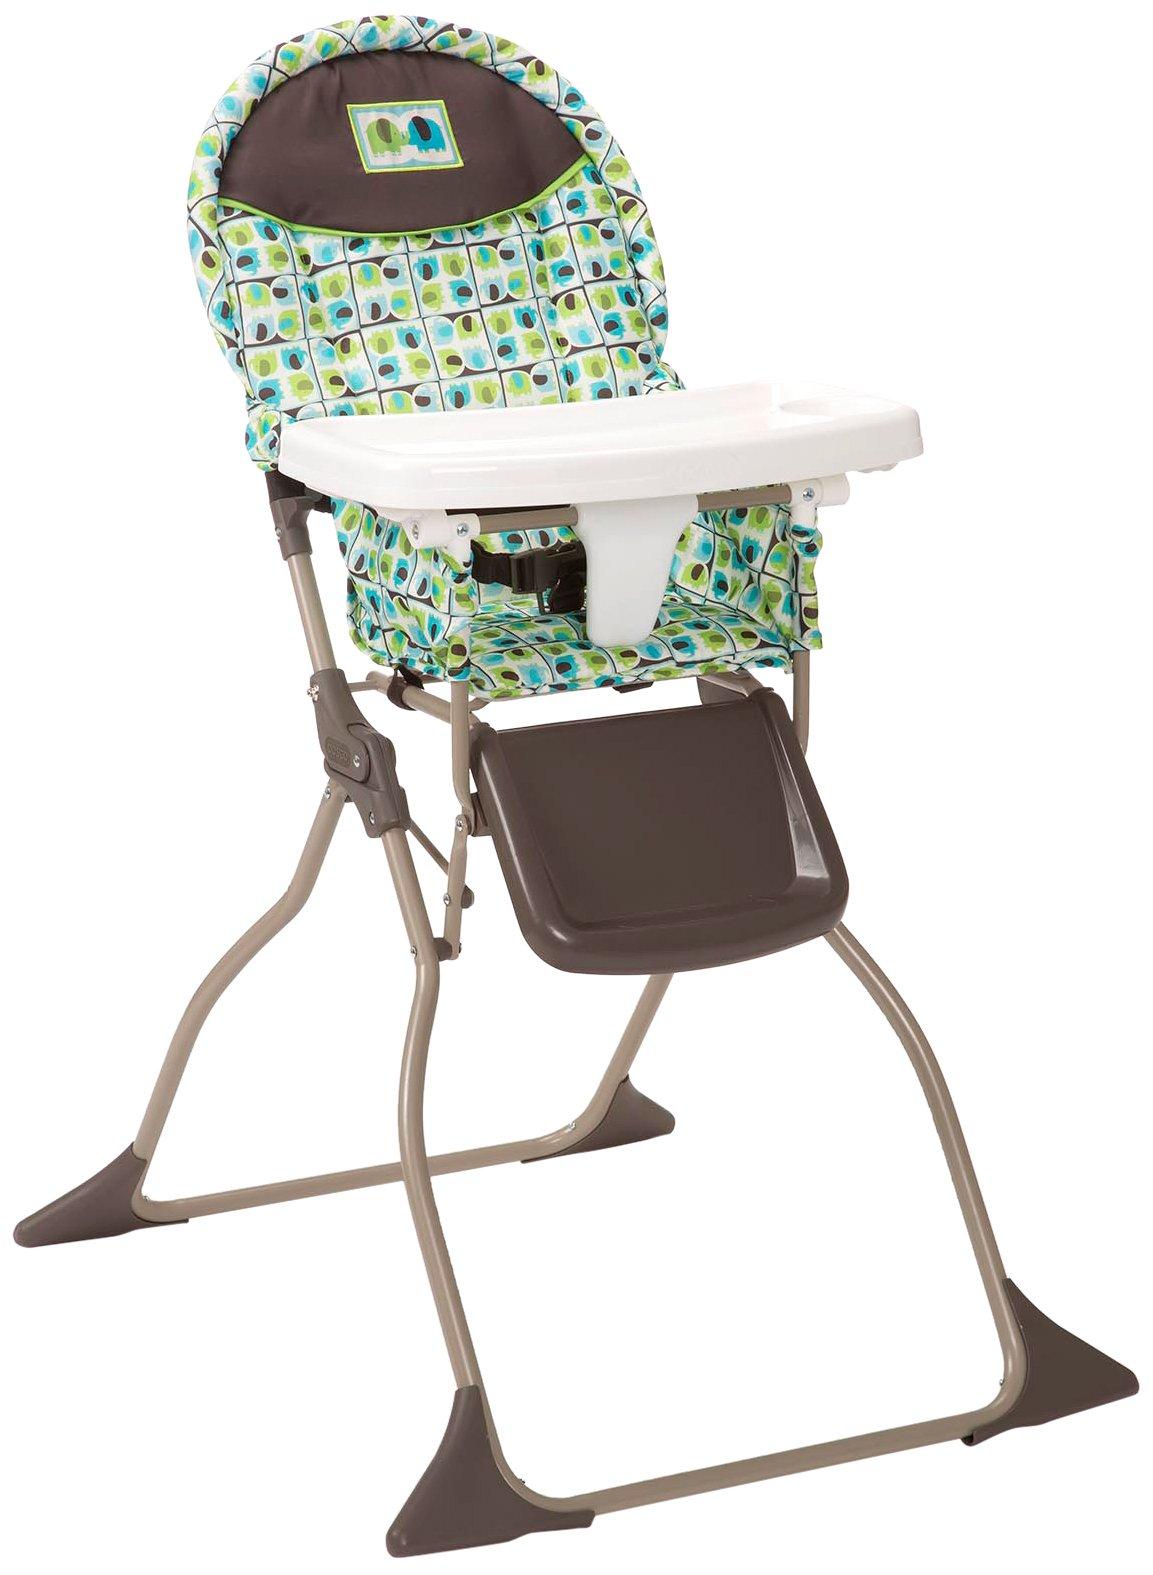 Cosco Simple Fold High Chair Elephant Squares Elephant Squares